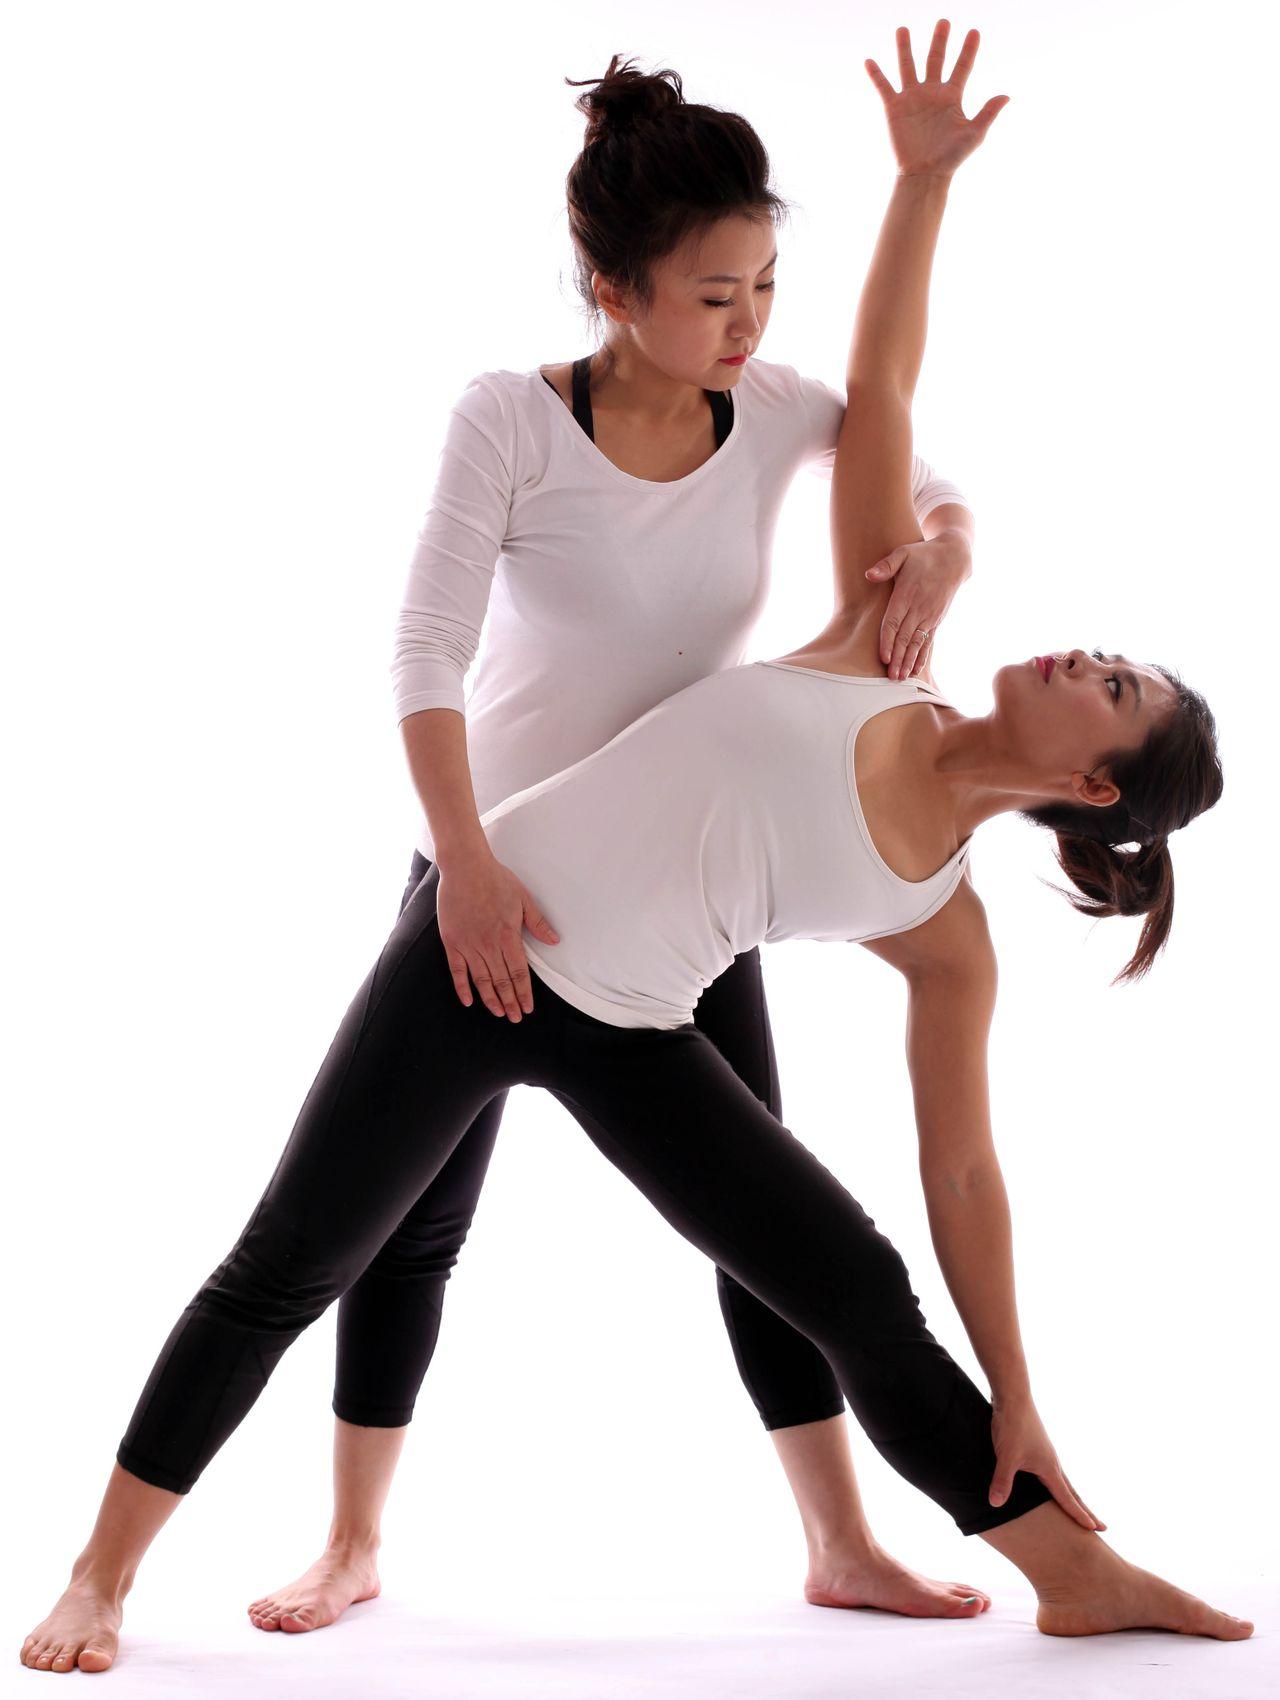 怎么通过瑜伽来缓解腰酸背疼的情形